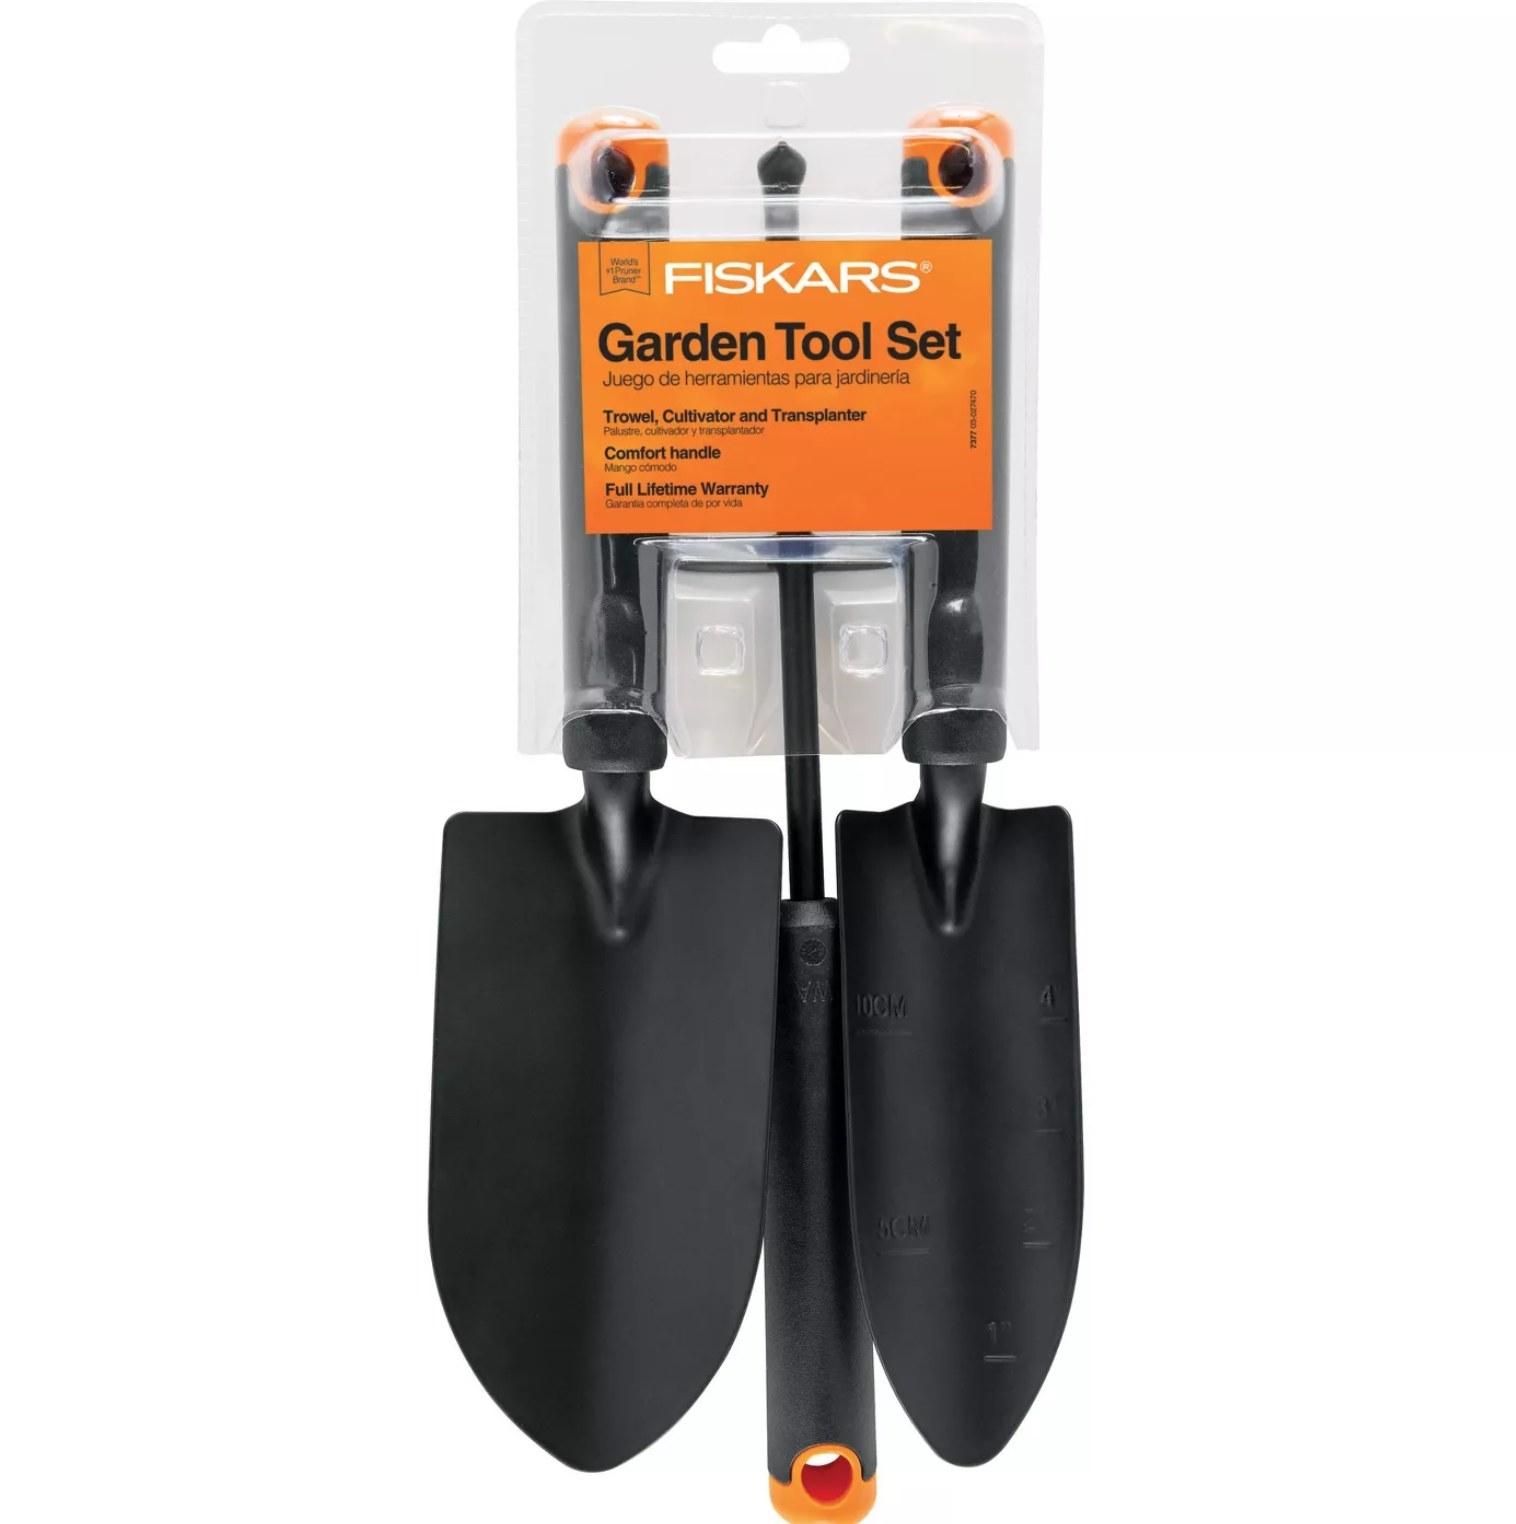 the garden tool set